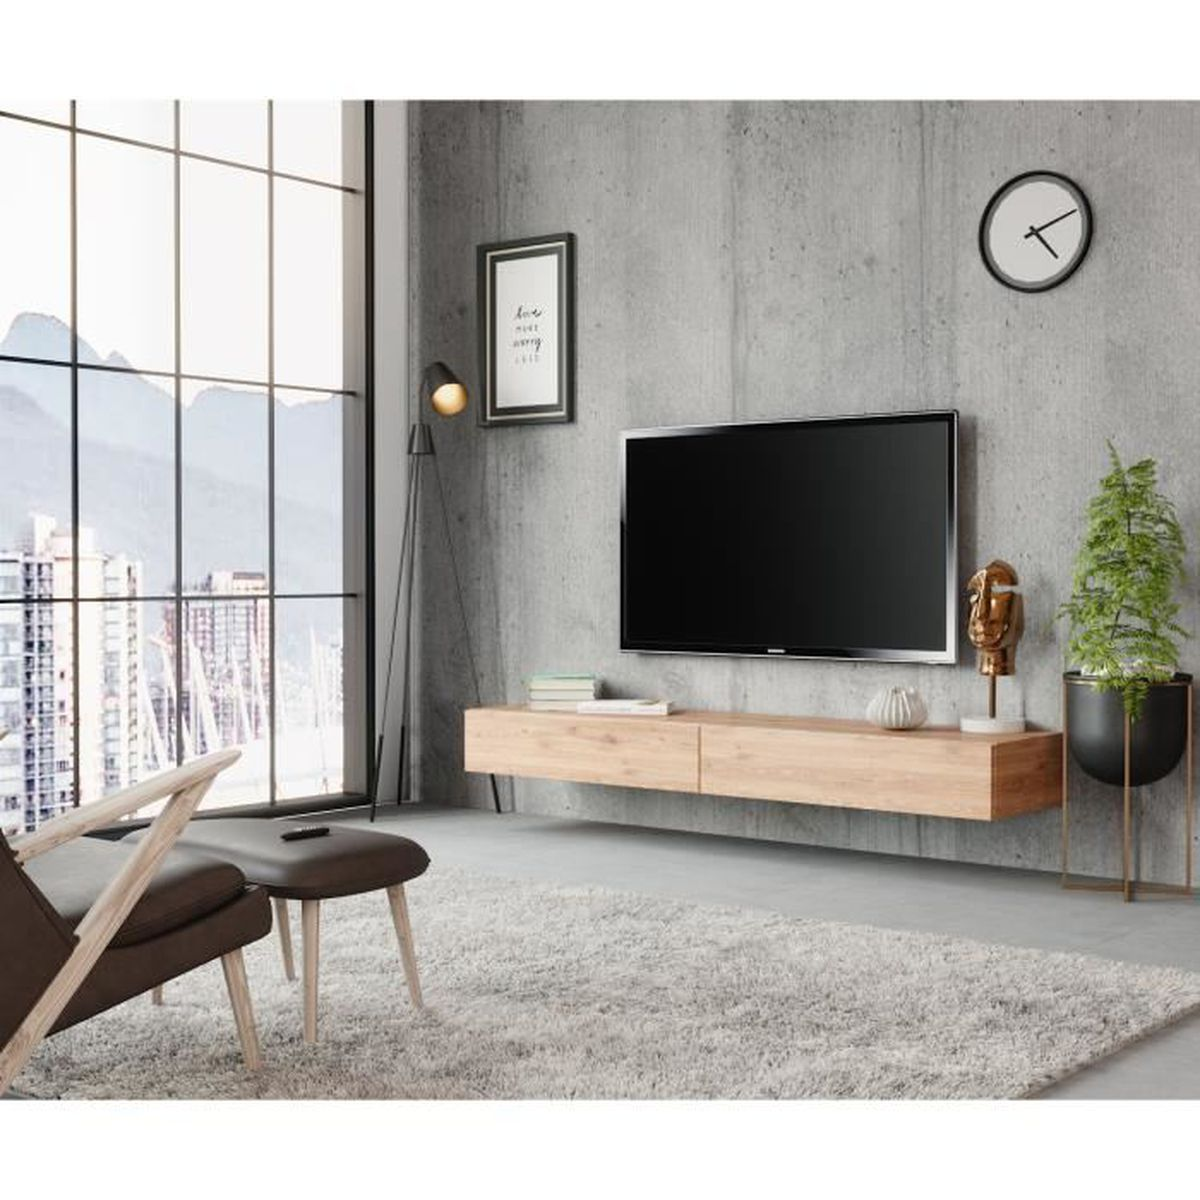 Panneau Mural Derriere Tv meuble tv sierra 140 cm wotan - achat / vente meuble tv